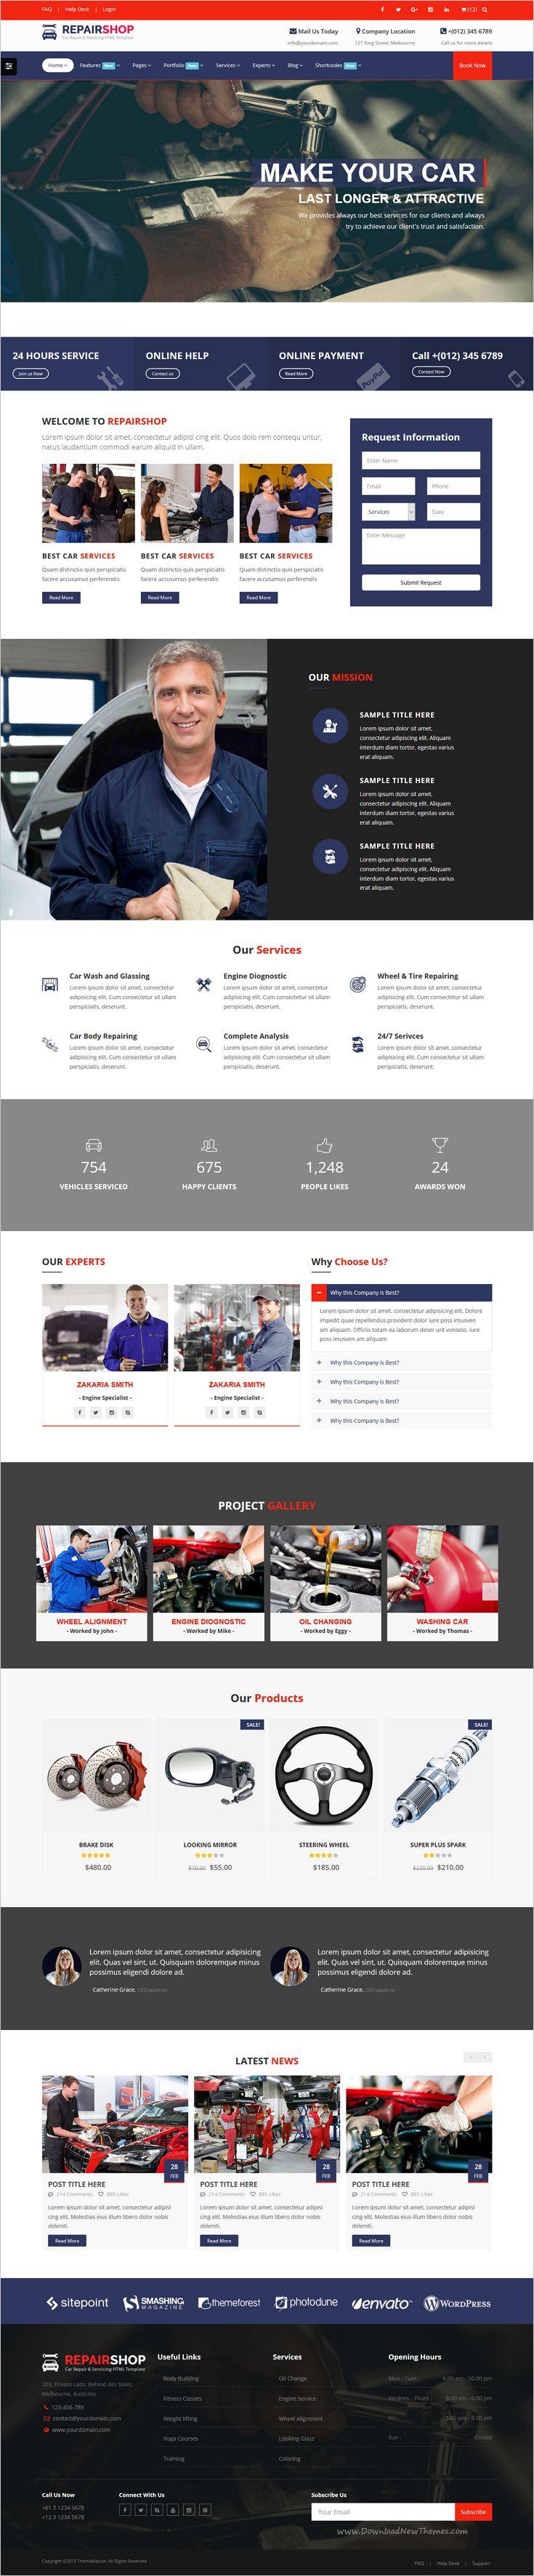 RepairShop - Car Repair & Car Wash Responsive HTML5 Template ...